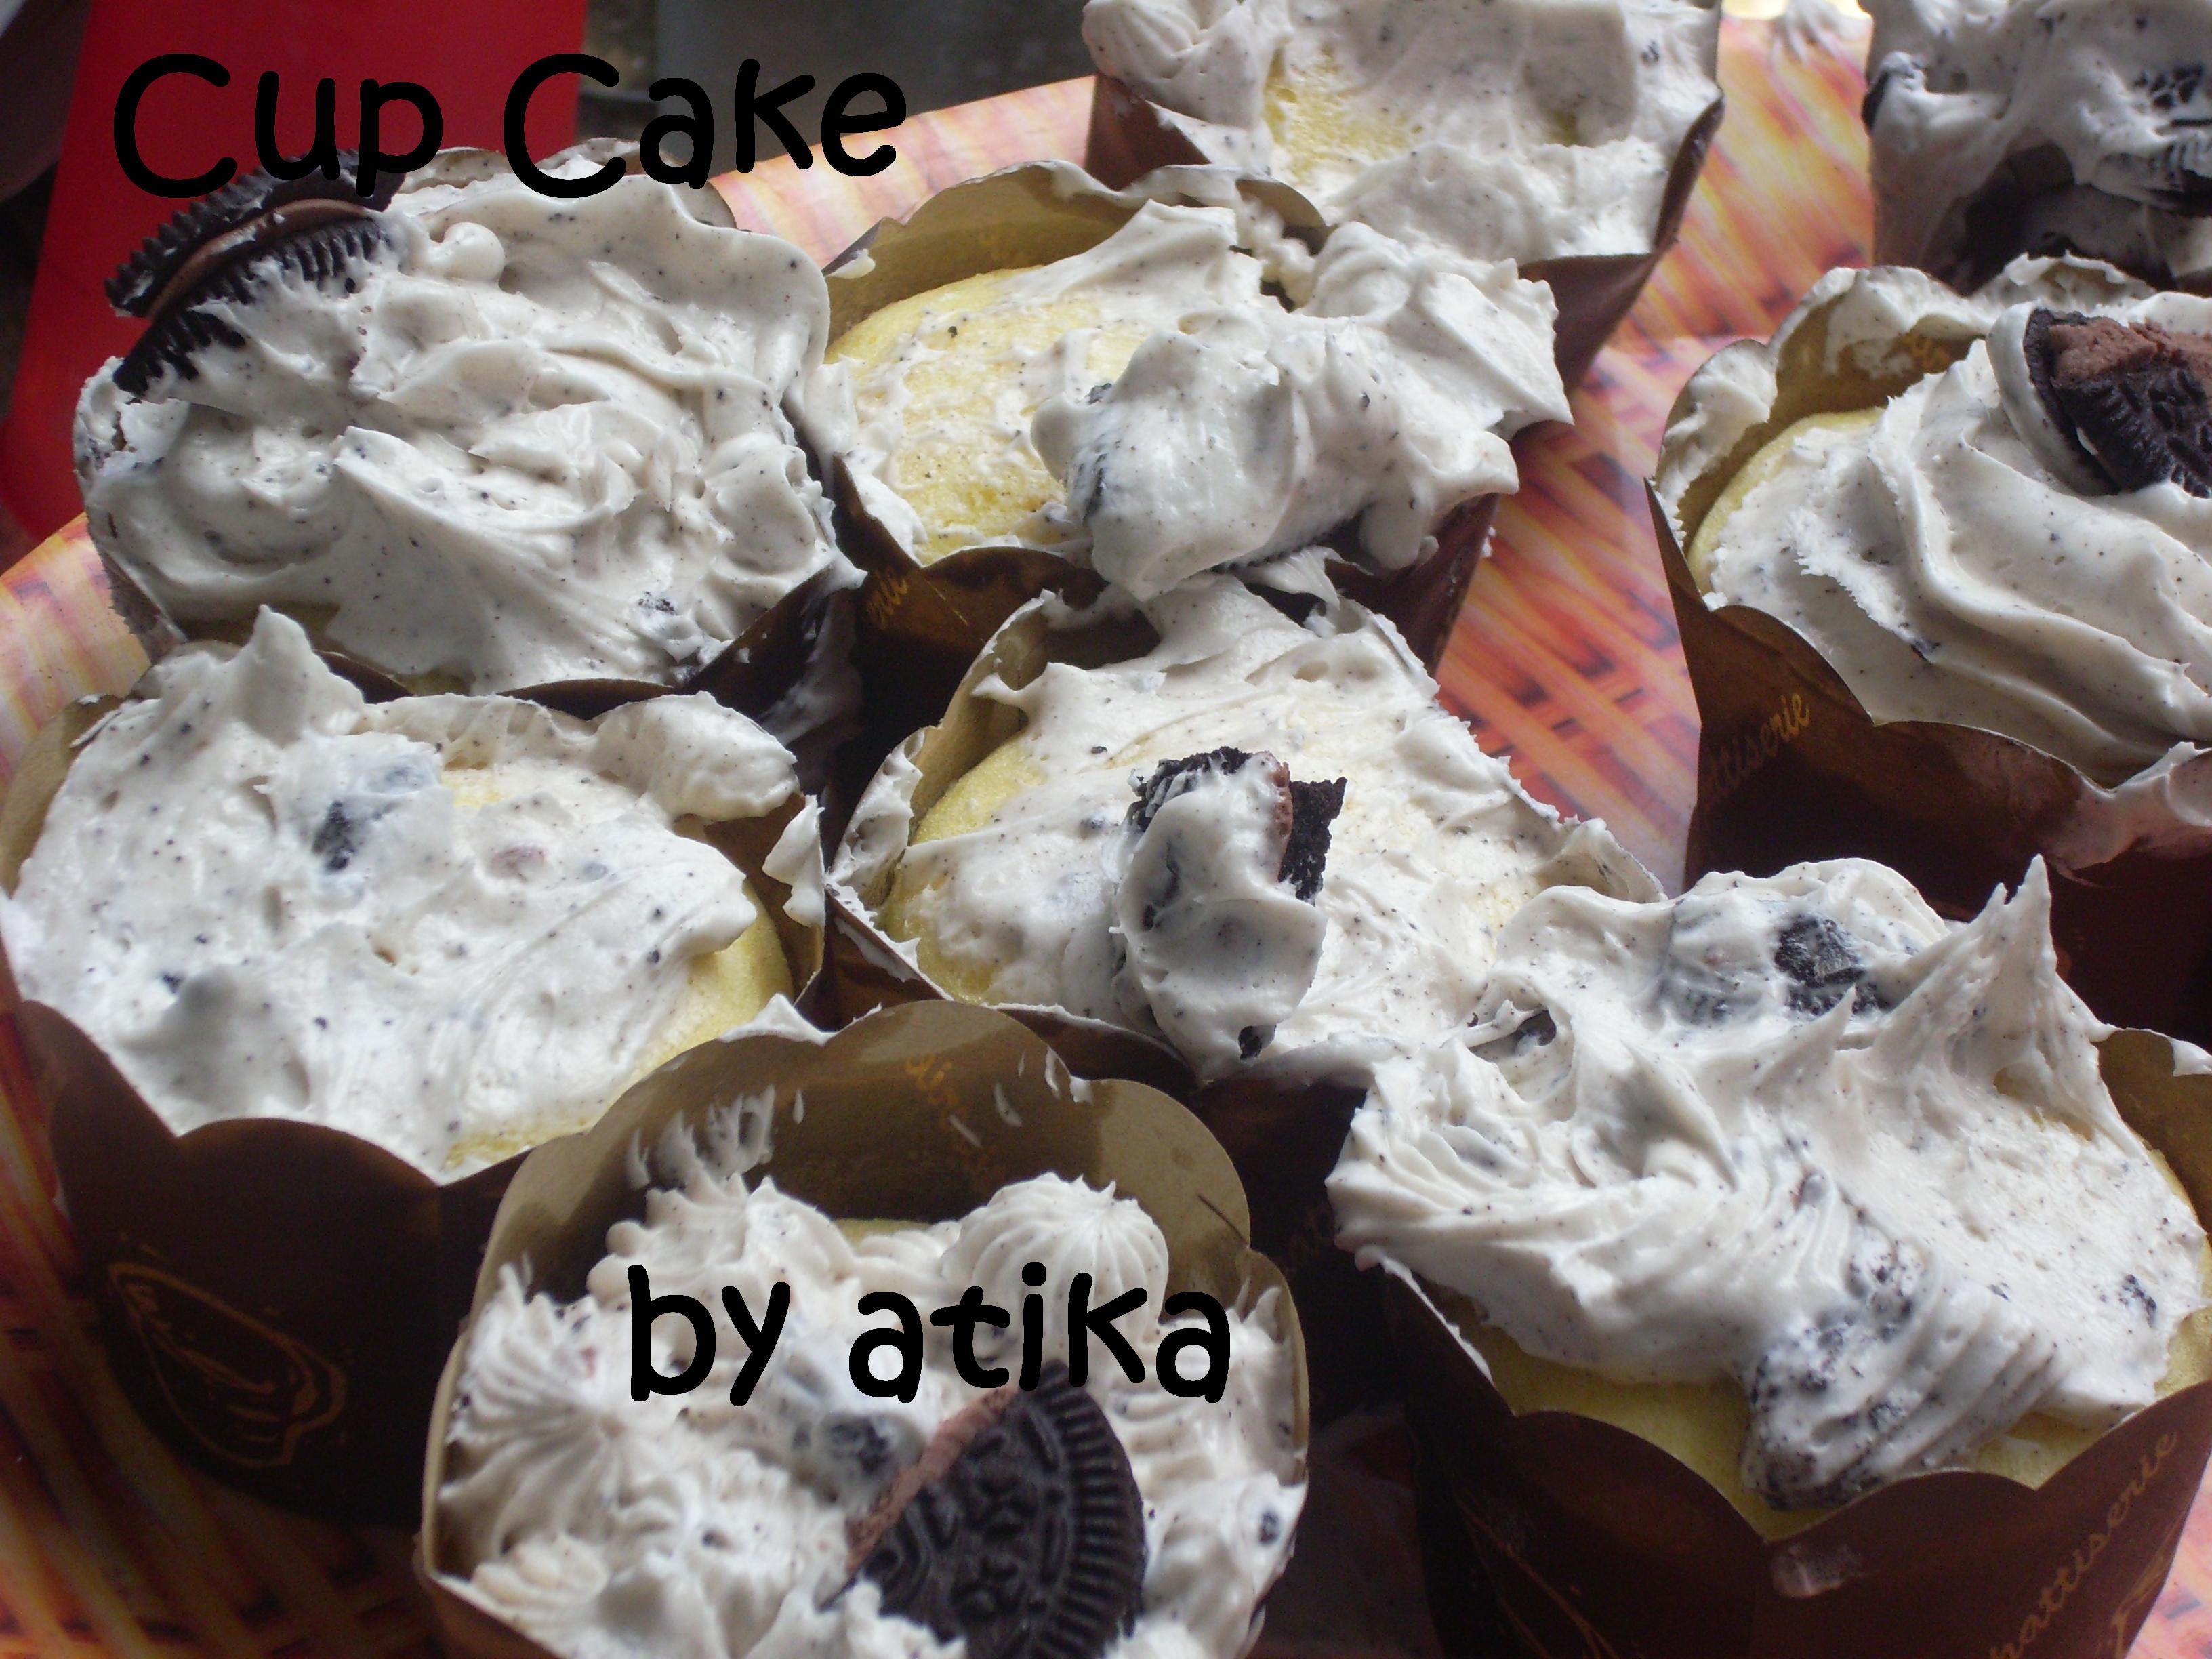 Cup Cake hancur